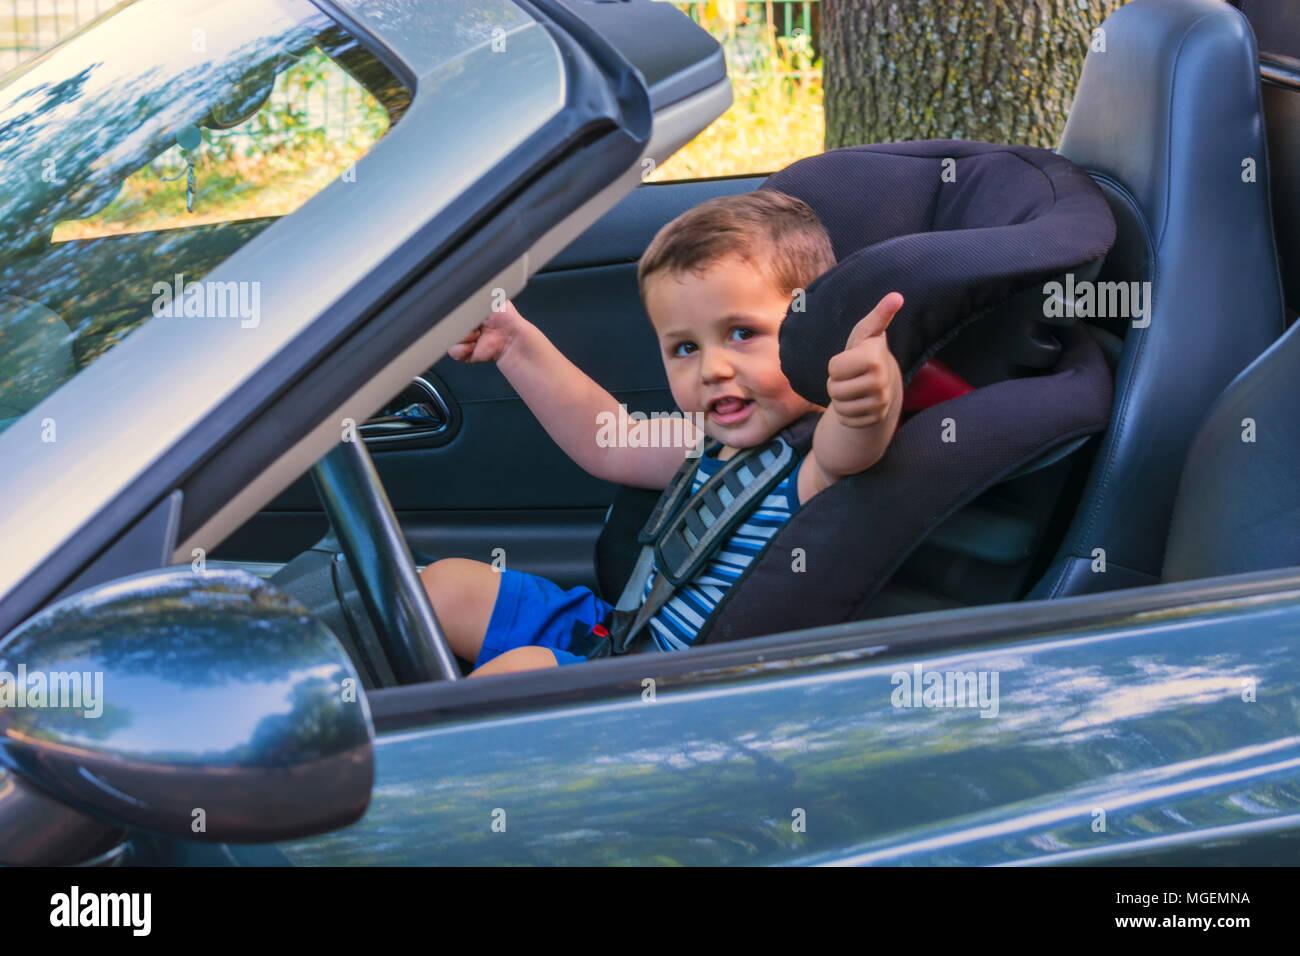 Glückliches lachendes Kind in einem Cabrio sitzt im Auto Kindersitz und zeigt den Daumen nach oben. Stockbild